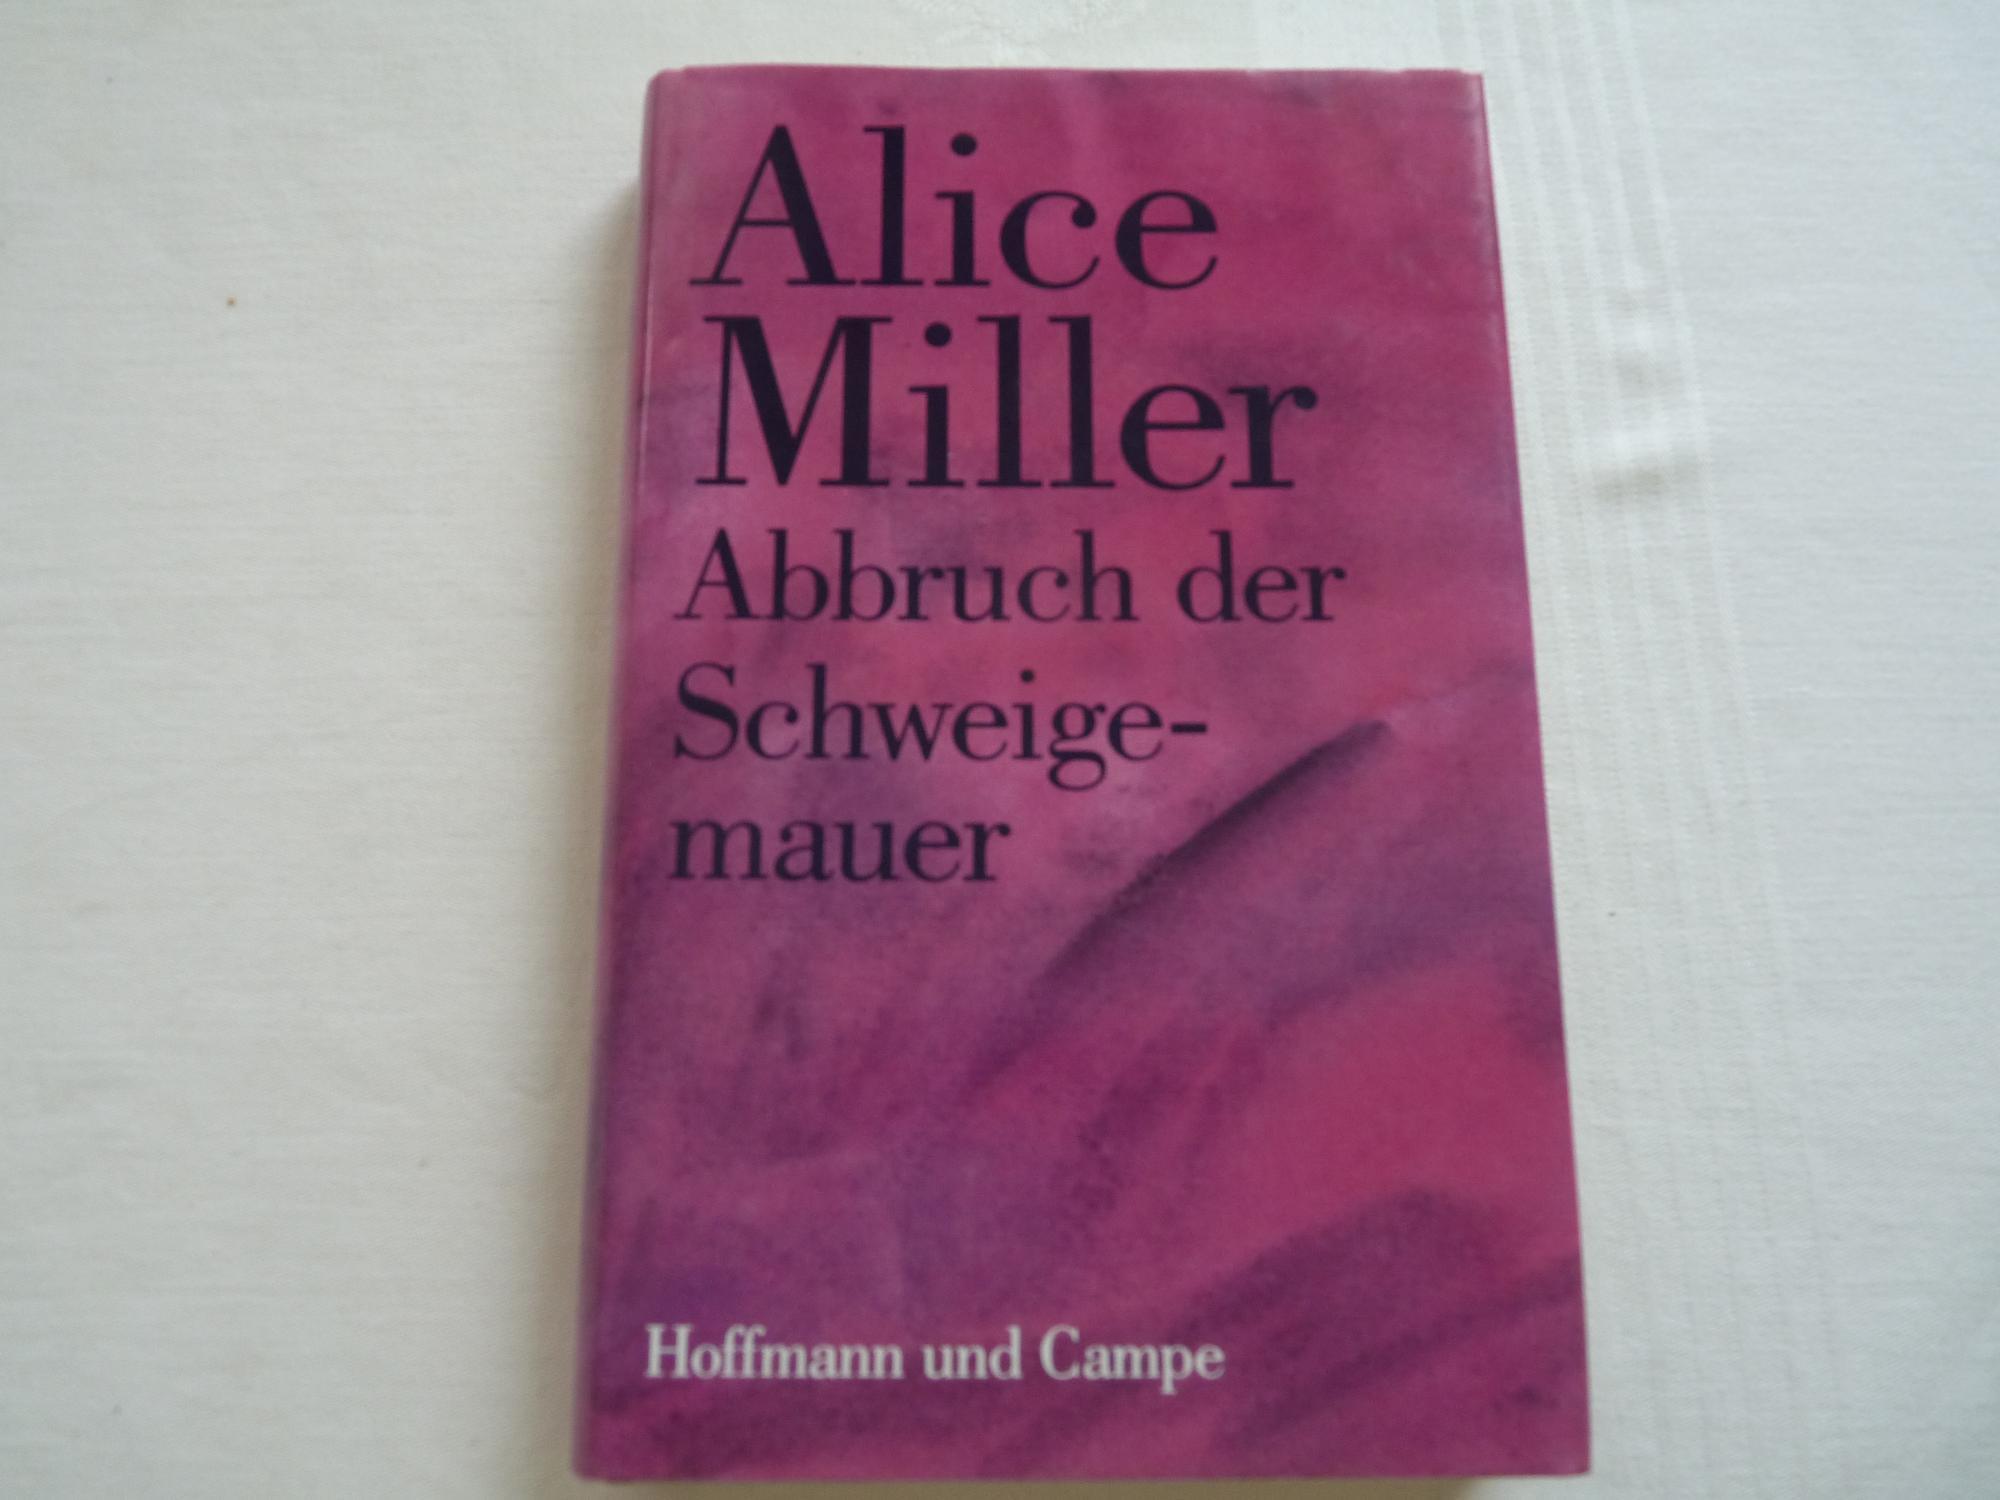 abbruch der schweigemauer - die wahrheit der fakten - bestseller und klassiker  der schweizer psychoanalytikerin von alice miller: (1990) |  versandantiquariat maxi  zvab